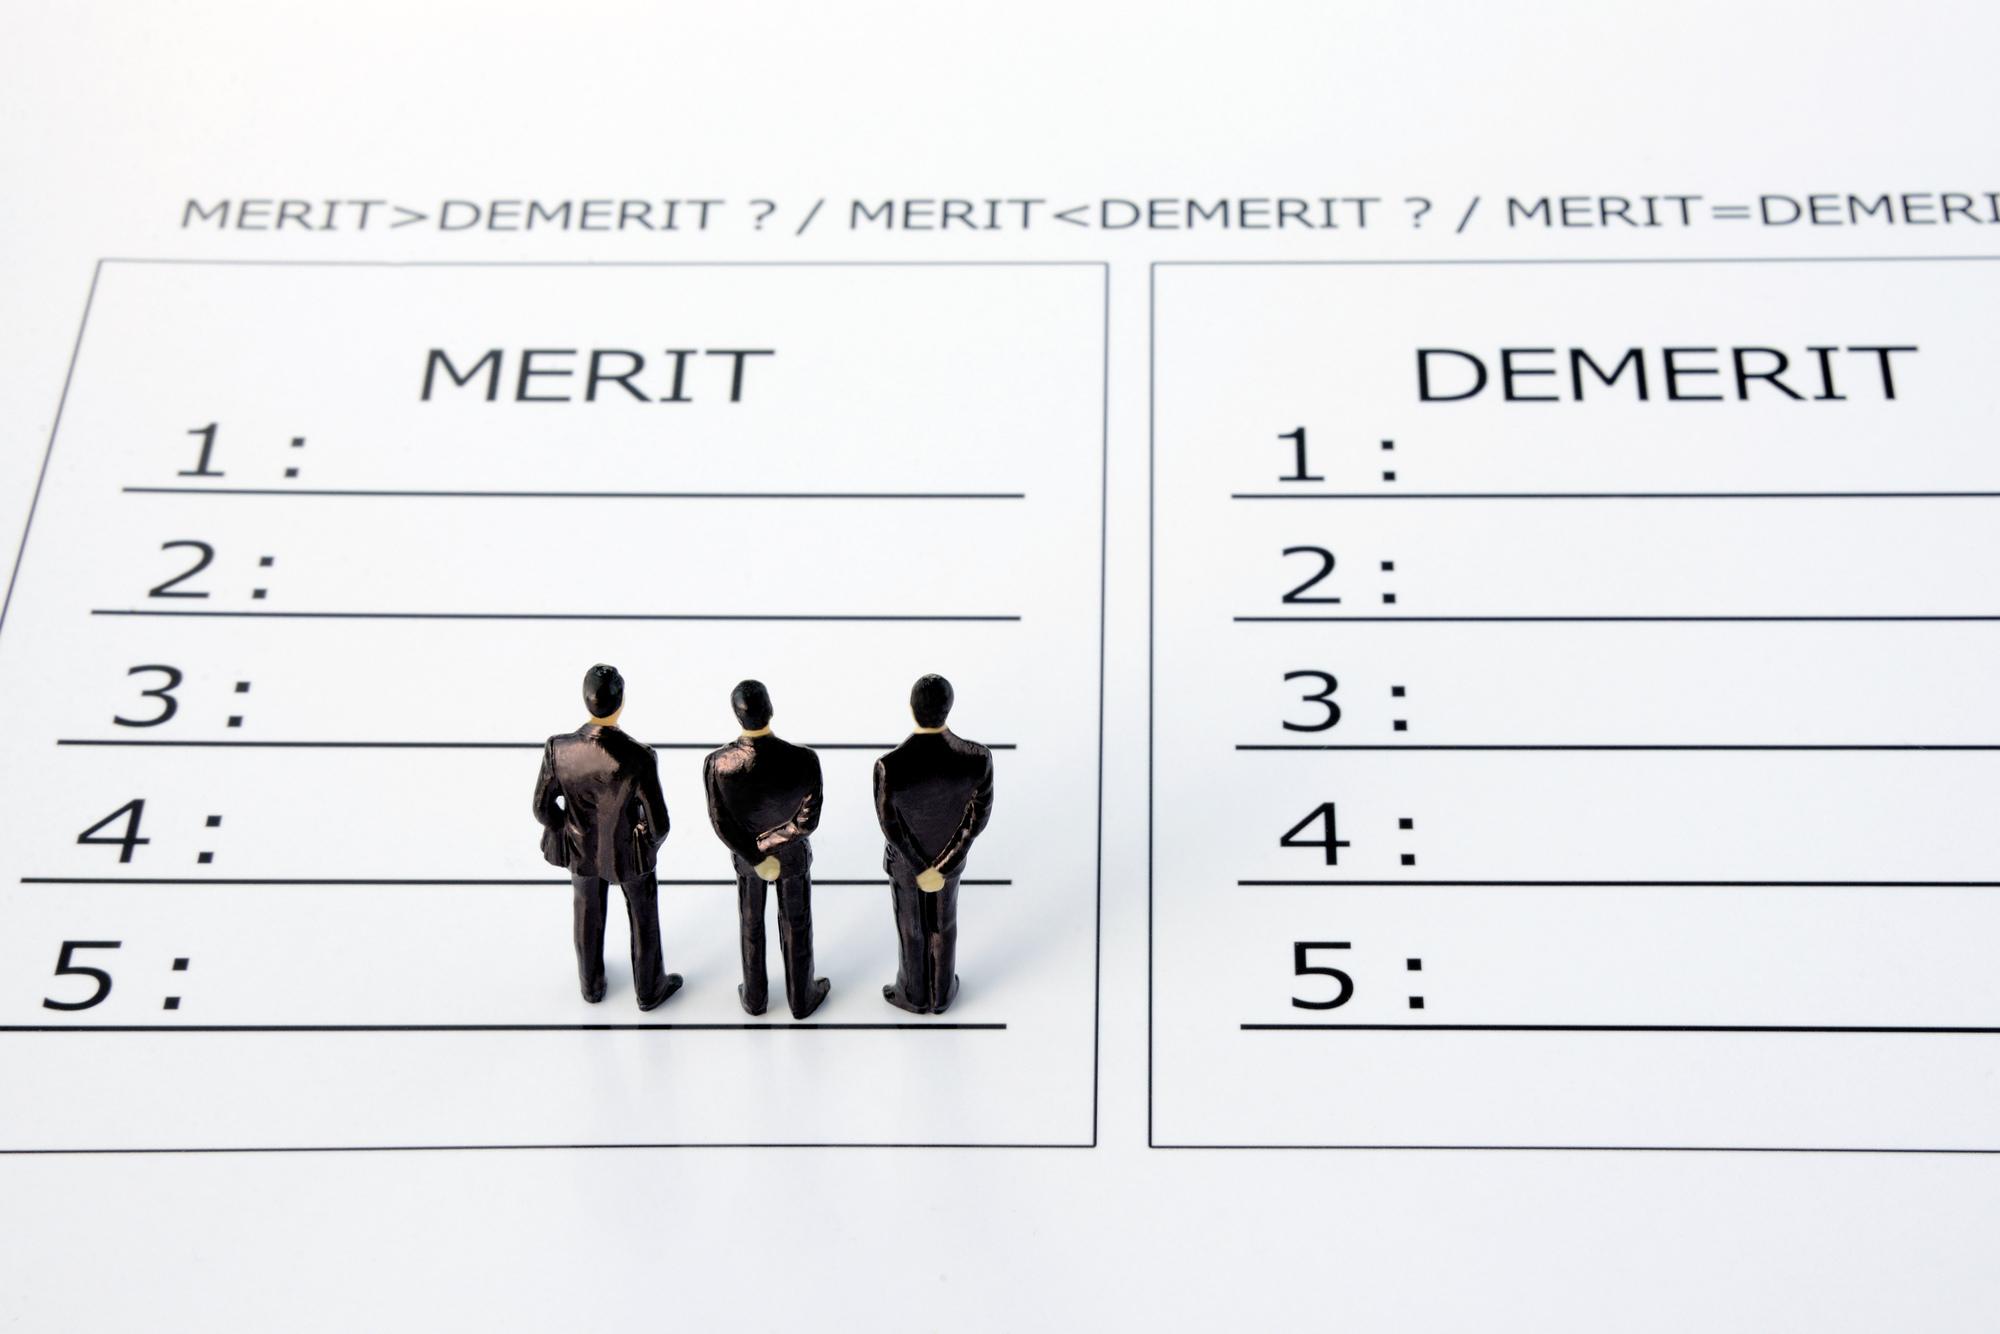 ジョブ型雇用とメンバーシップ型雇用とは? それぞれの違いとメリット・デメリットを解説_5